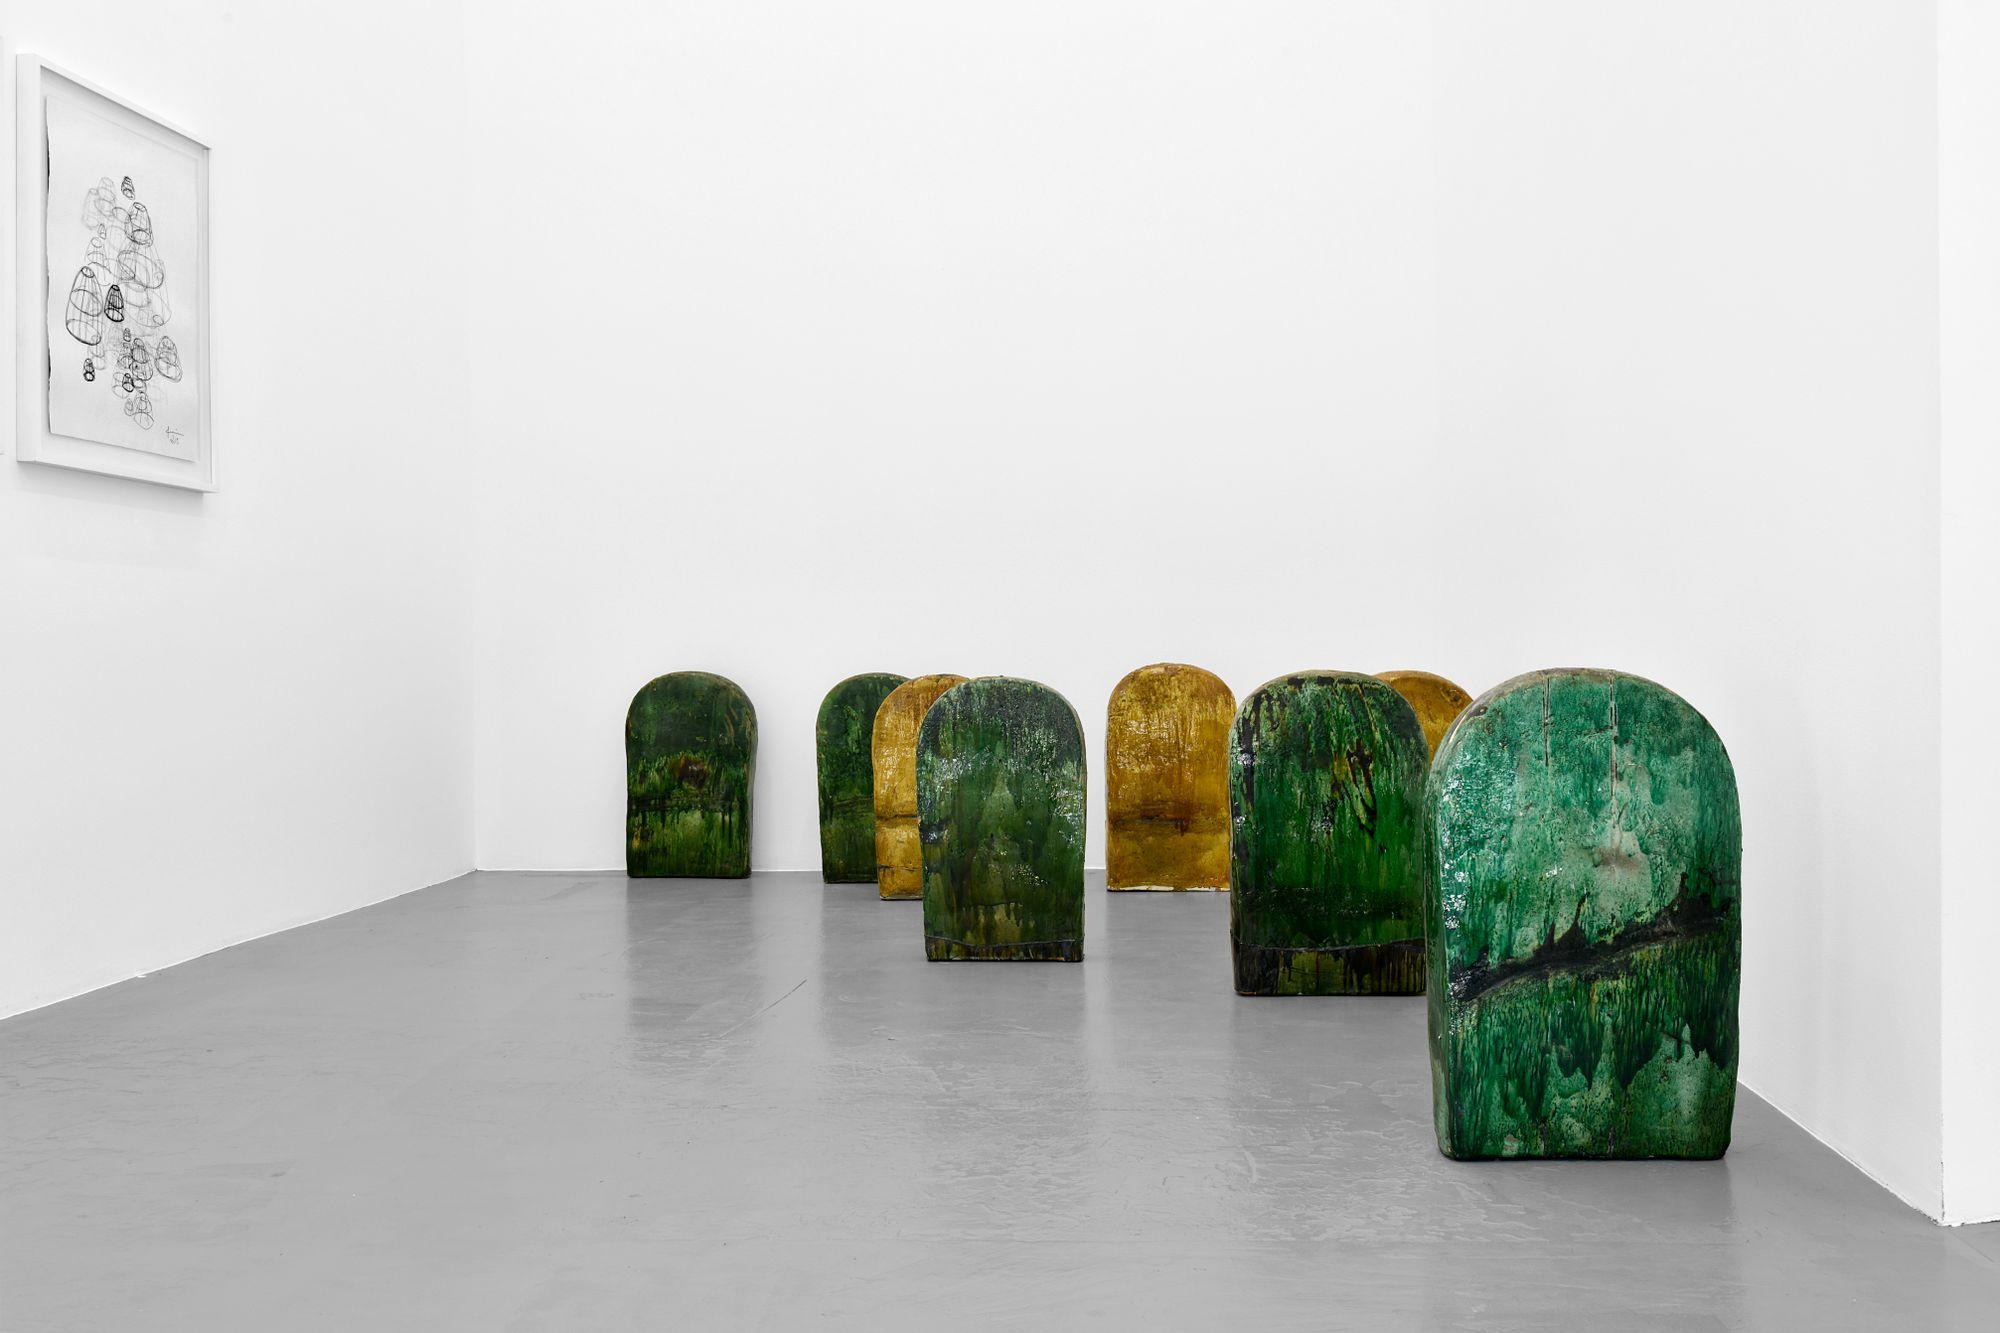 Terre Verte (8 pieces), 2020, Tamegroute ceramics, 70 x 40 x 10 cm